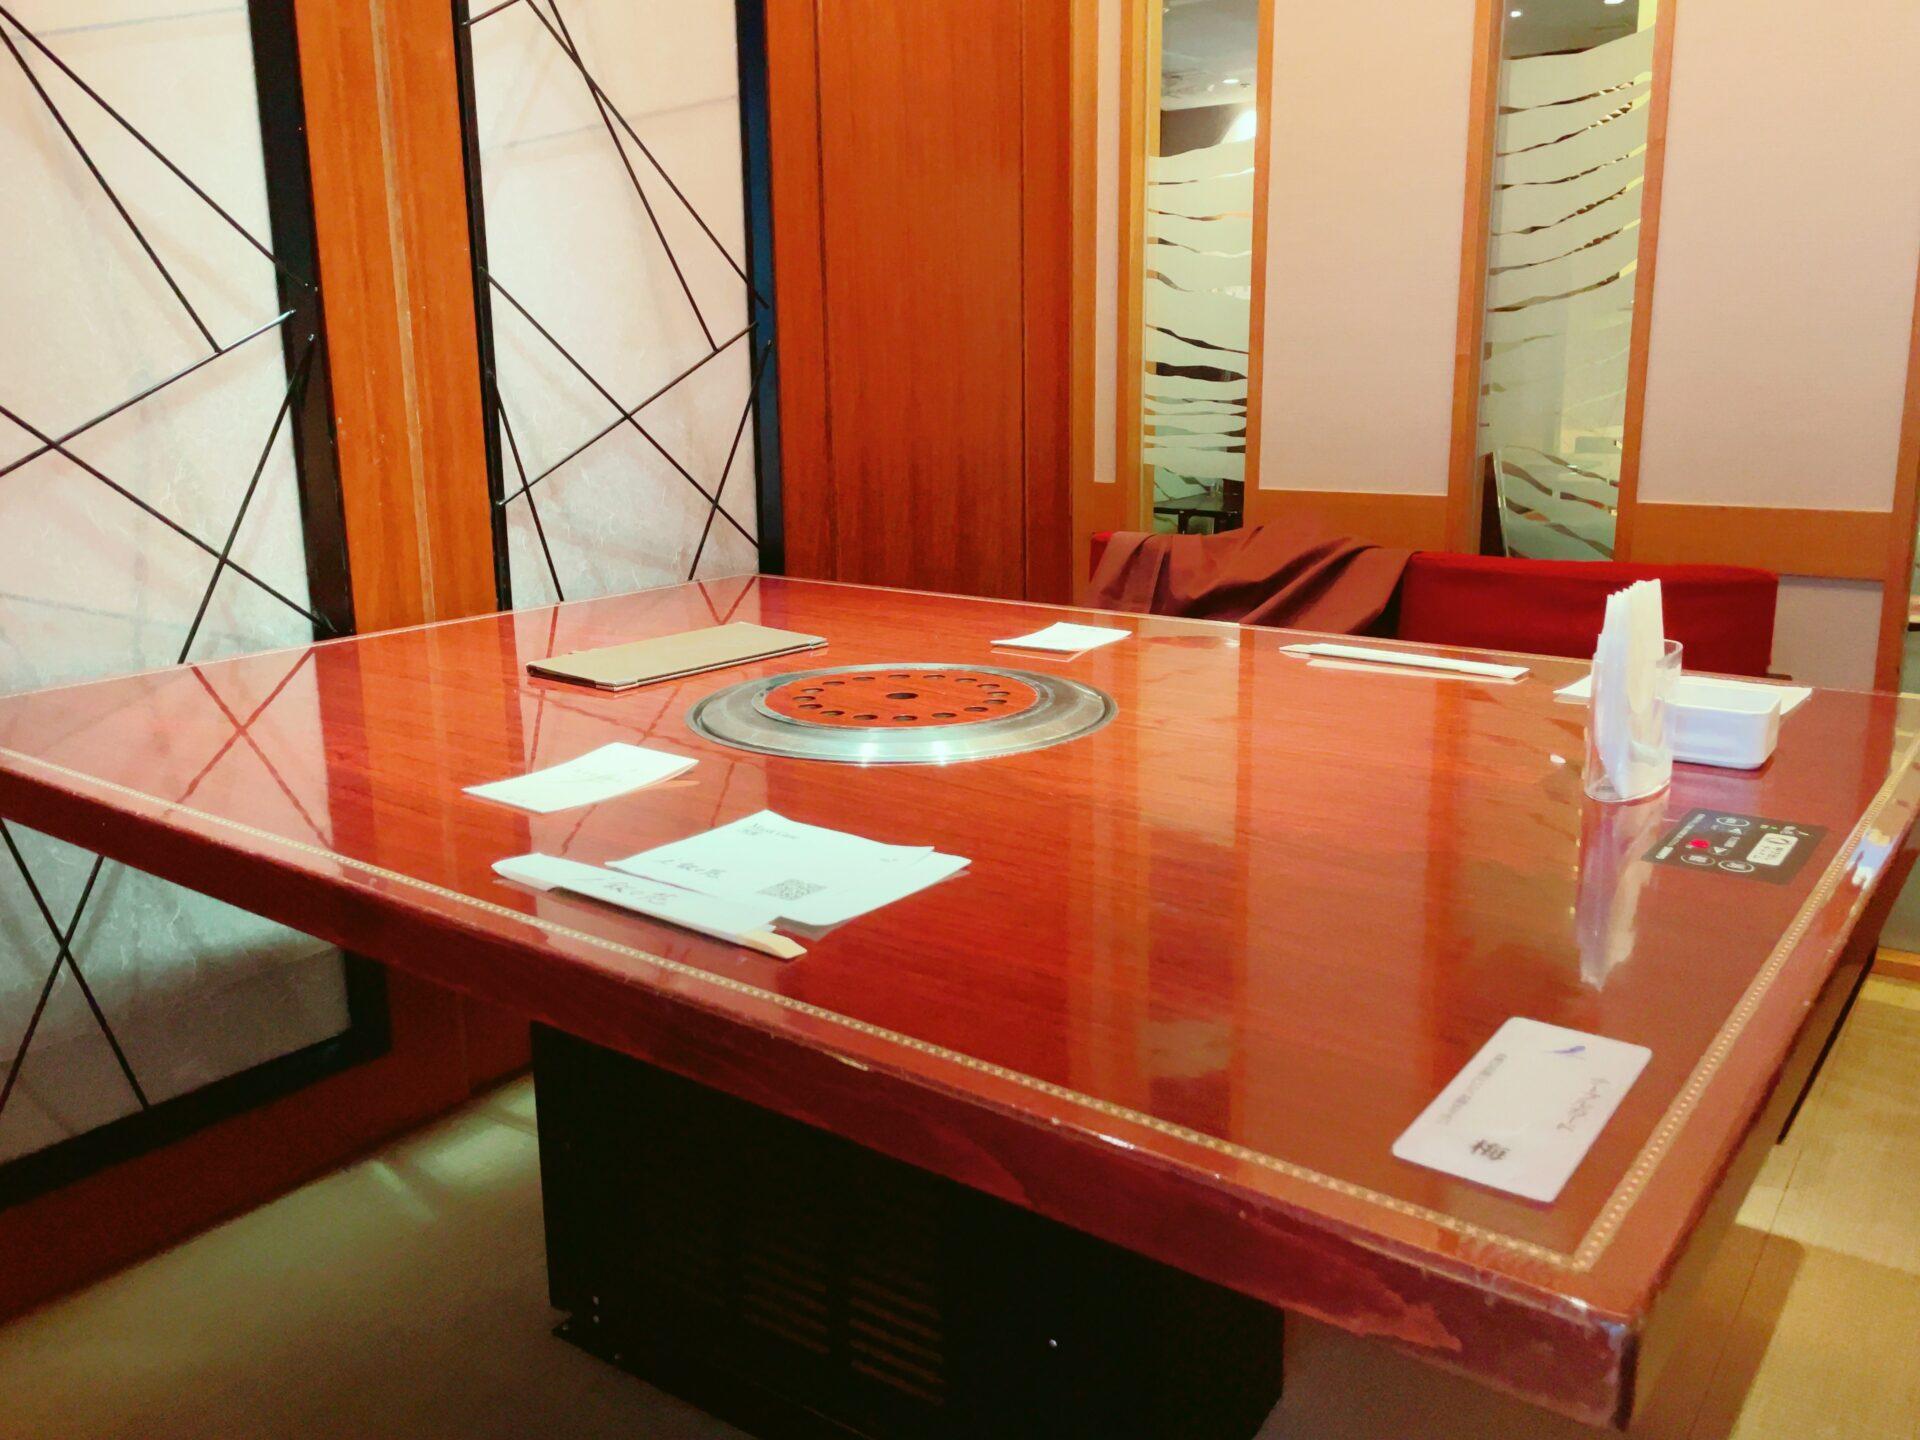 叙々苑 経堂コルティ店の個室